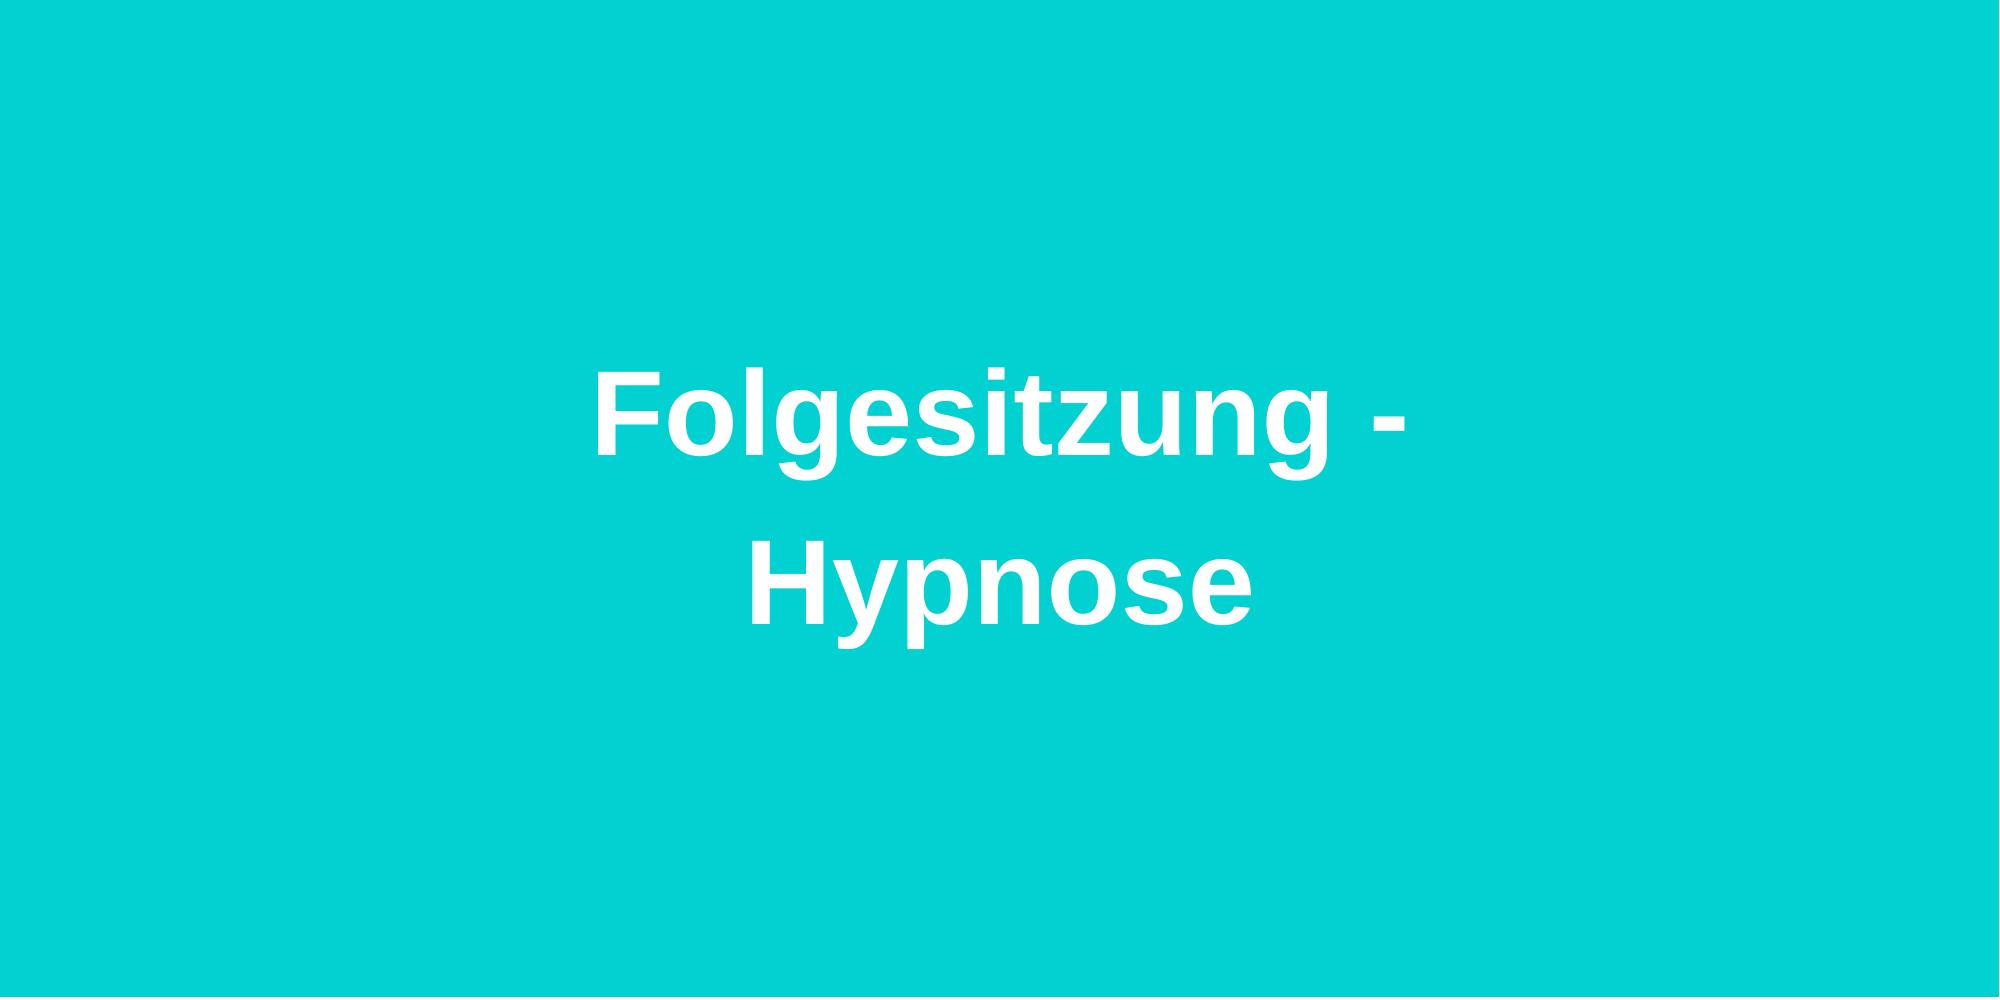 Folgesitzung: Hypnose